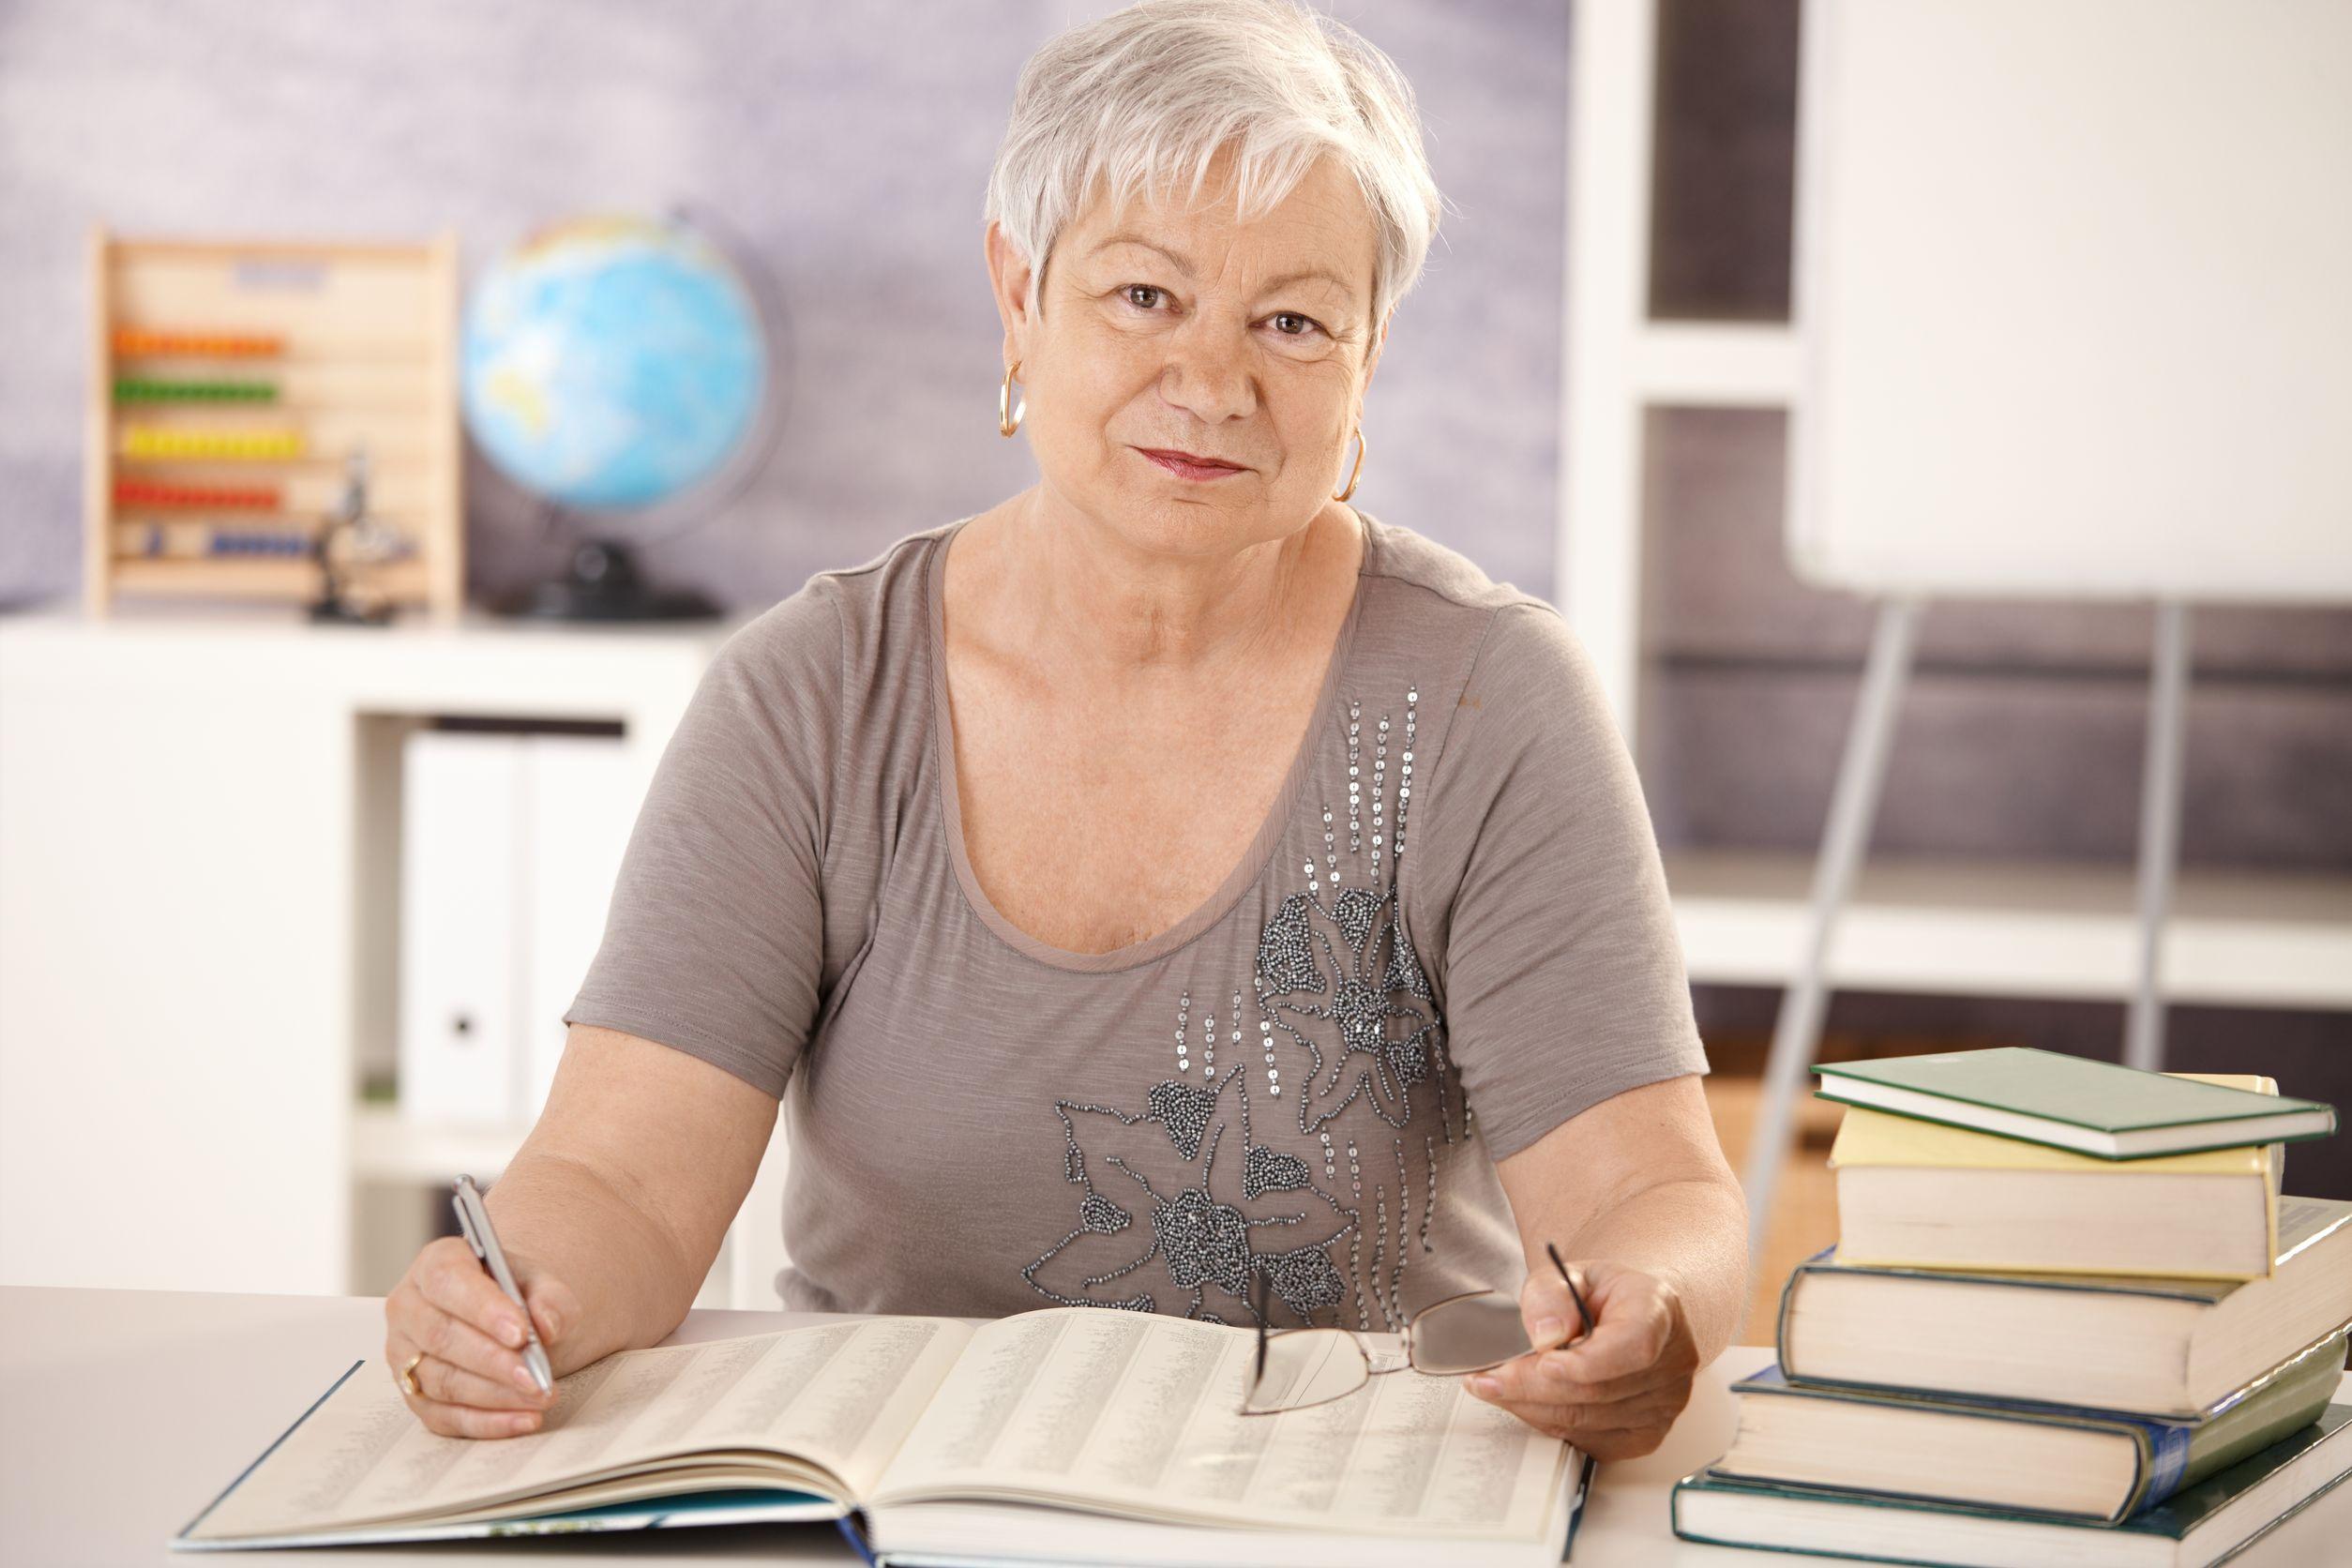 Как уйти на пенсию в 30 лет и воспитывать своих детей, не отвлекаясь на работу